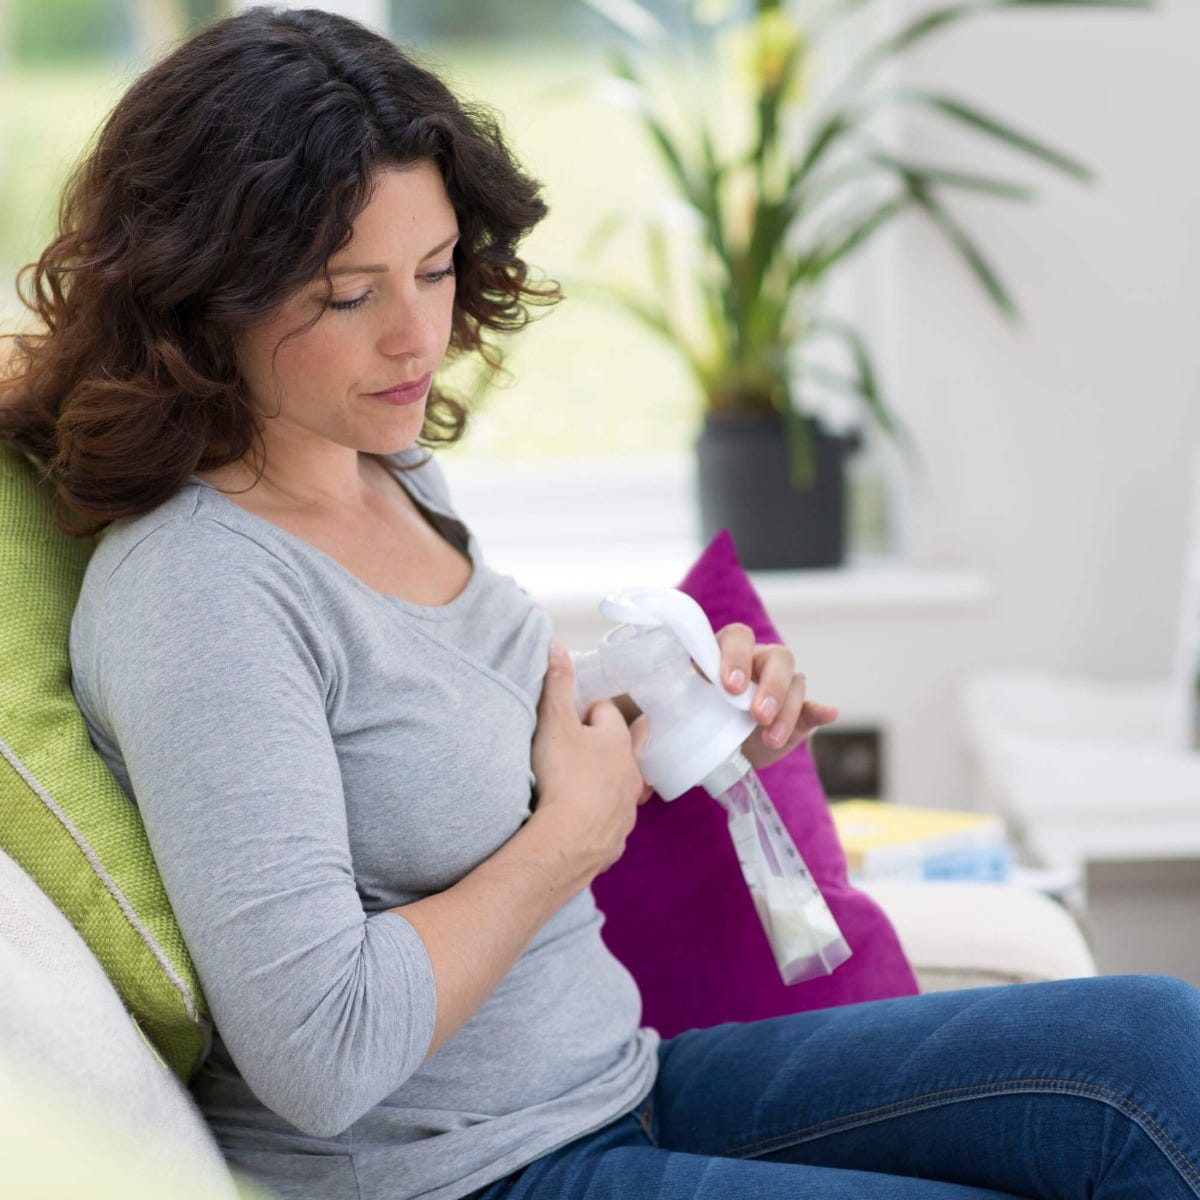 mum-expressing-using-breast-pump